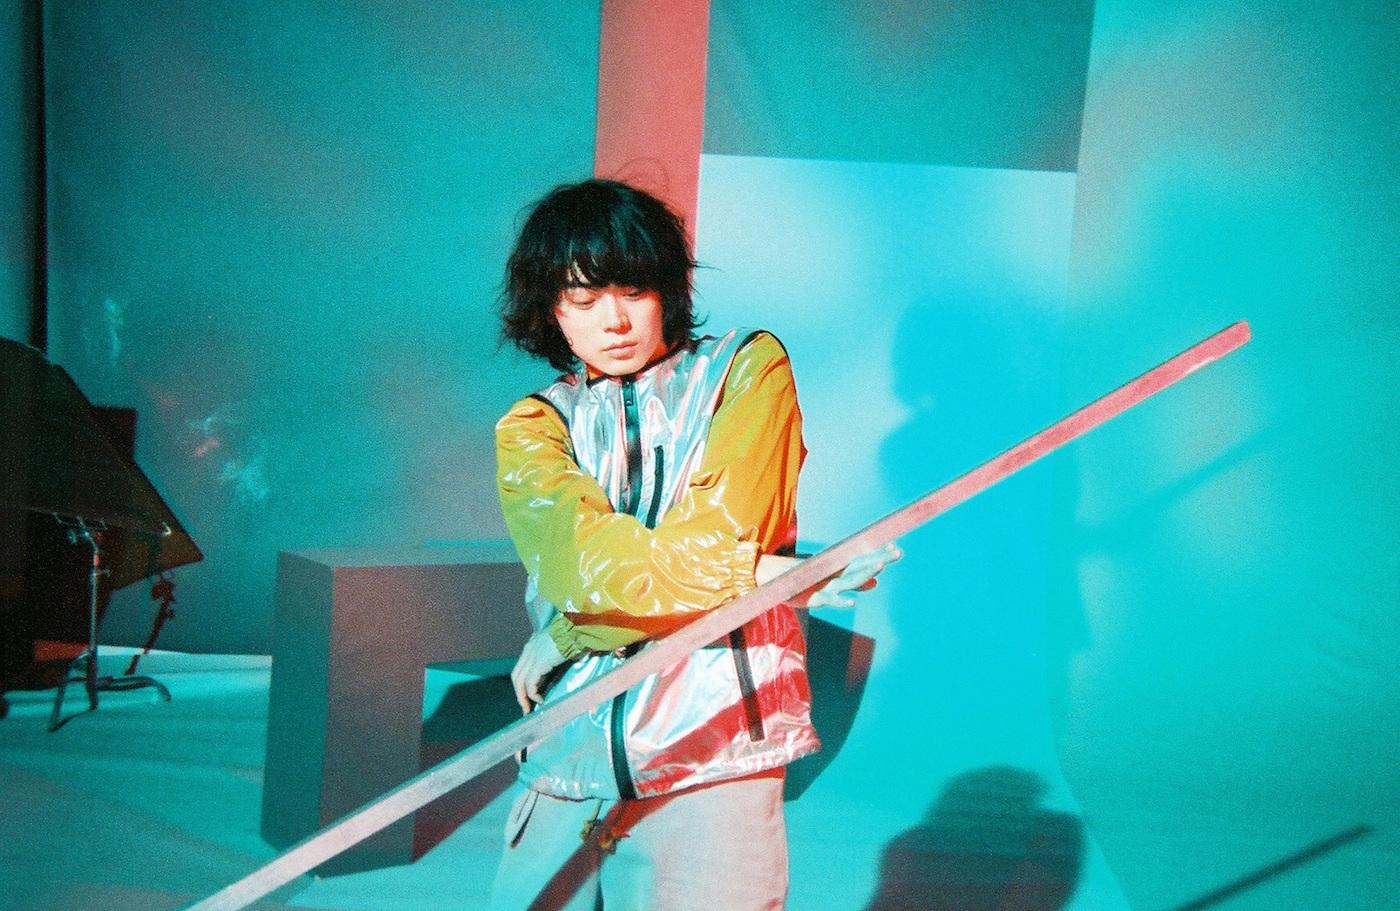 菅田将暉デビューアルバム『PLAY』初回生産限定盤の特典映像は、完全撮りおろしの「北九州小旅行ドキュメント」作品サムネイル画像